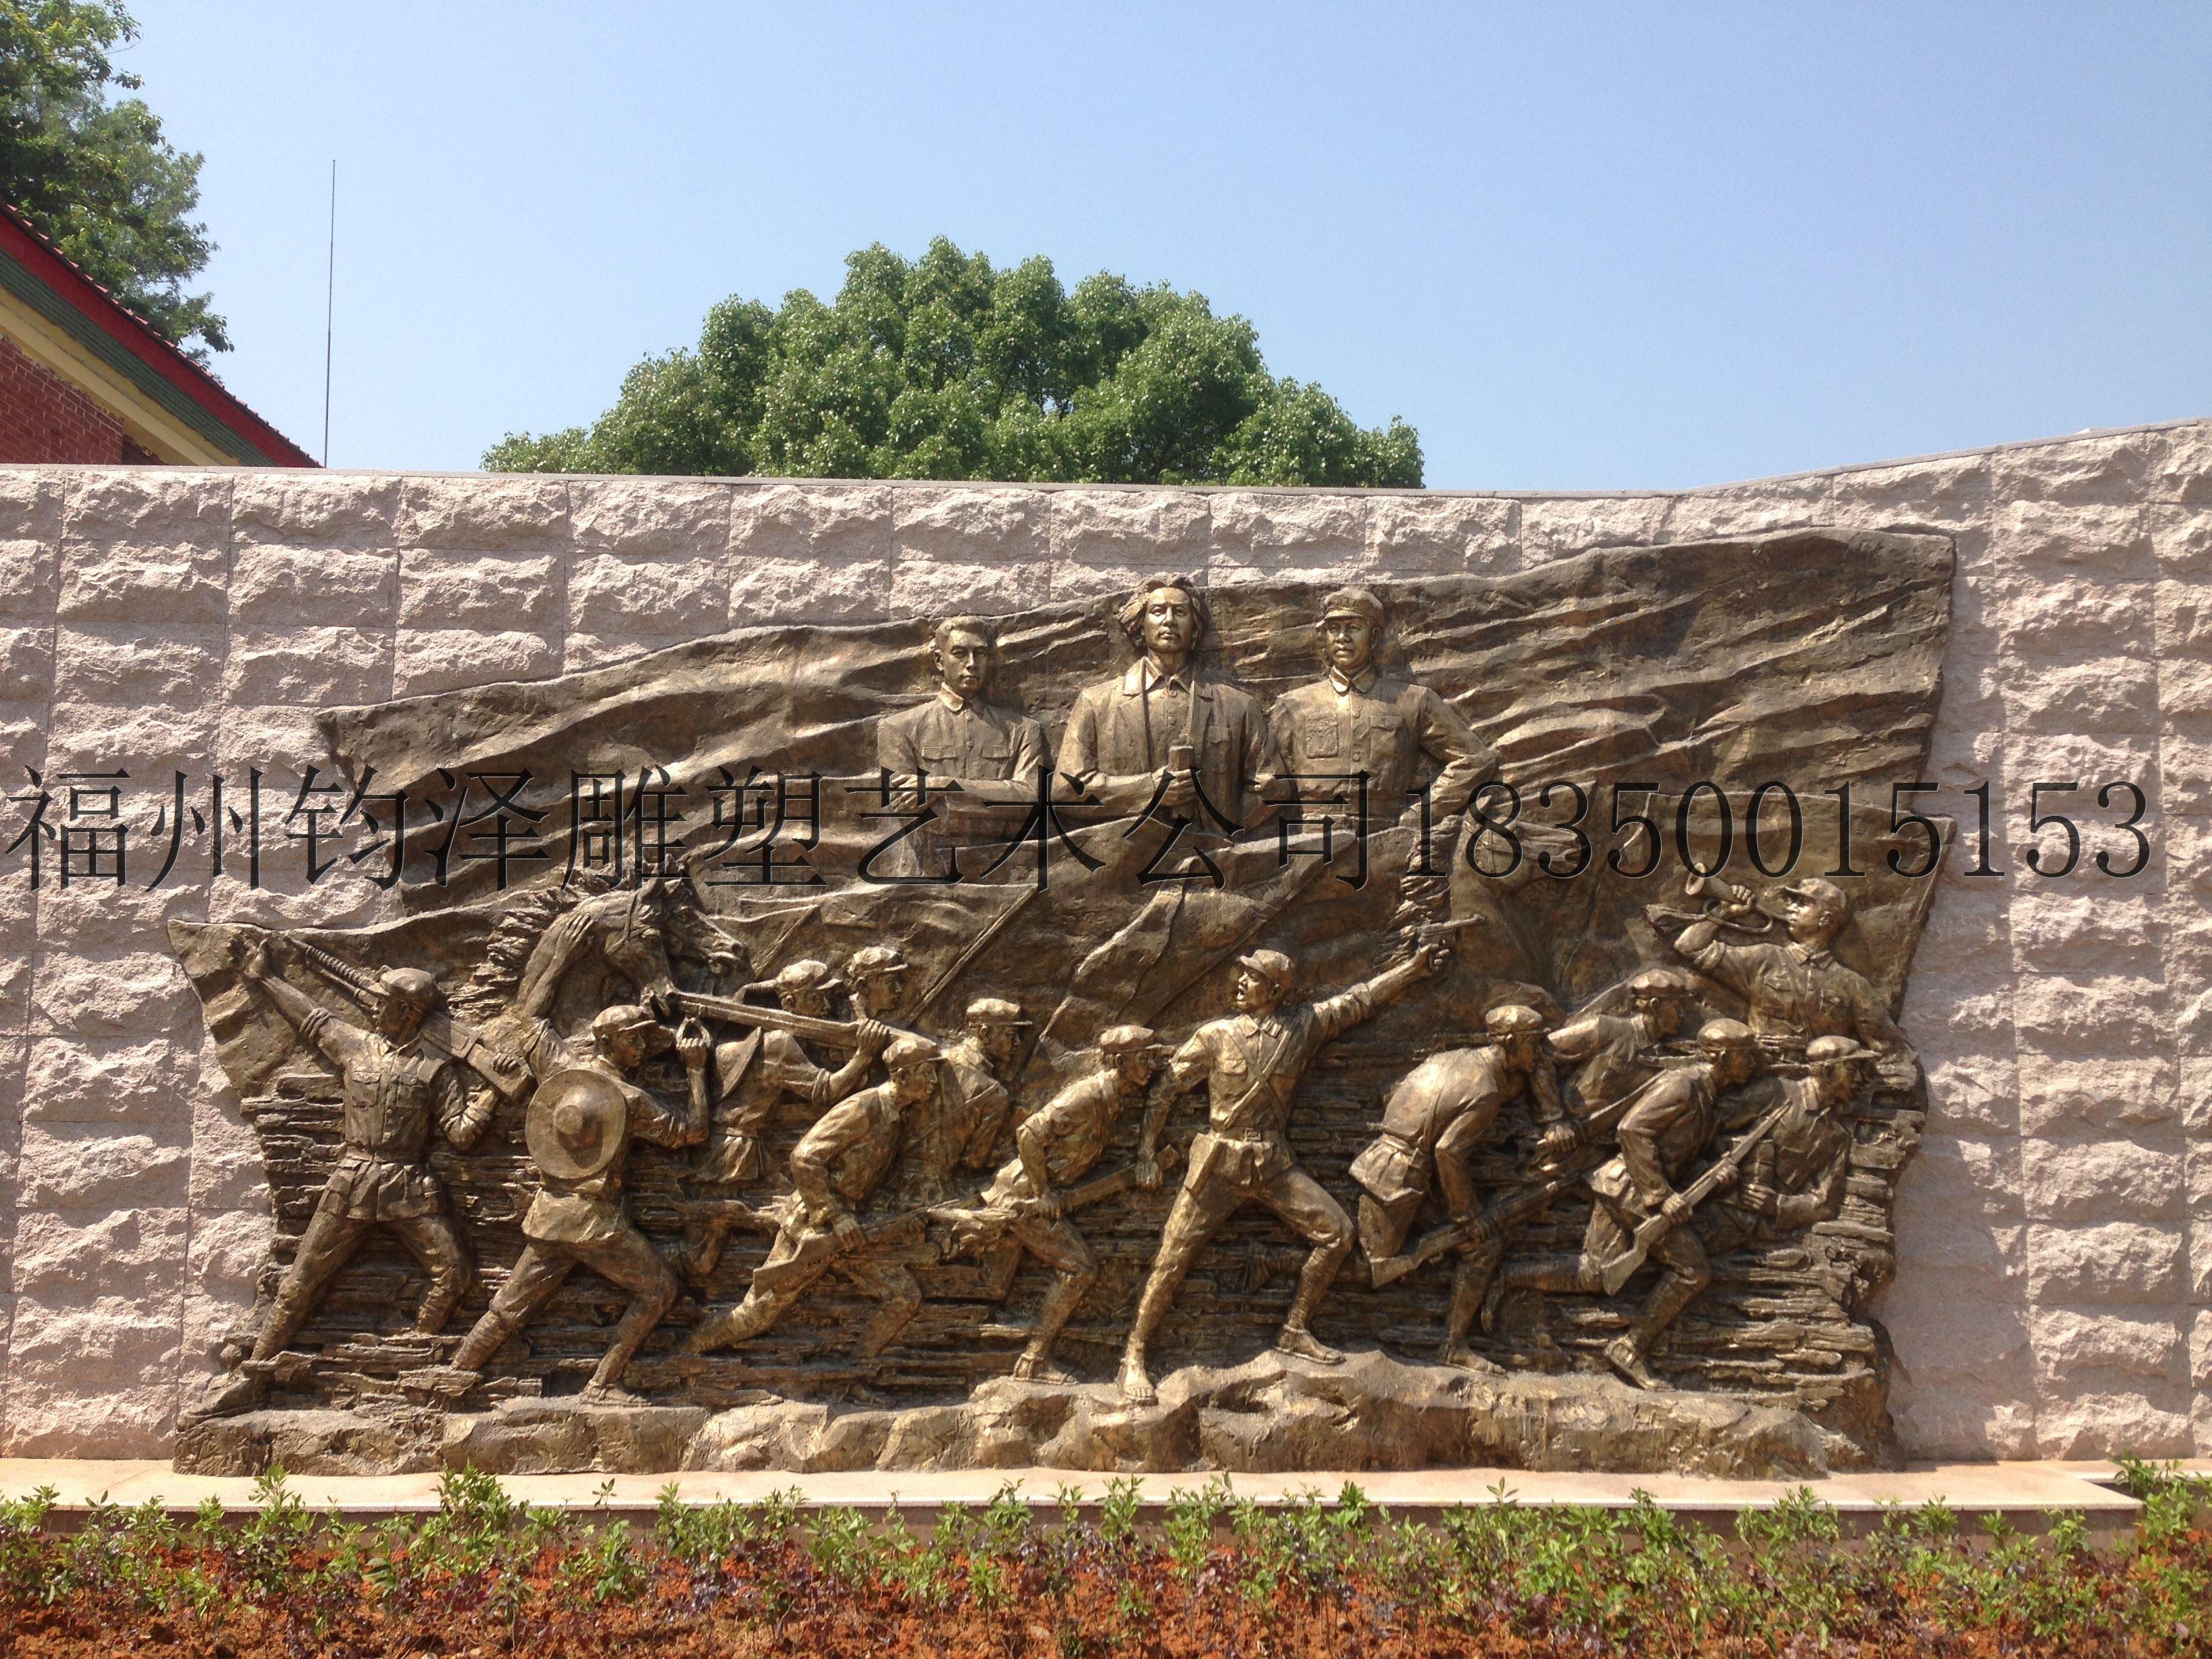 福州雕塑 假山雕塑 人像雕塑